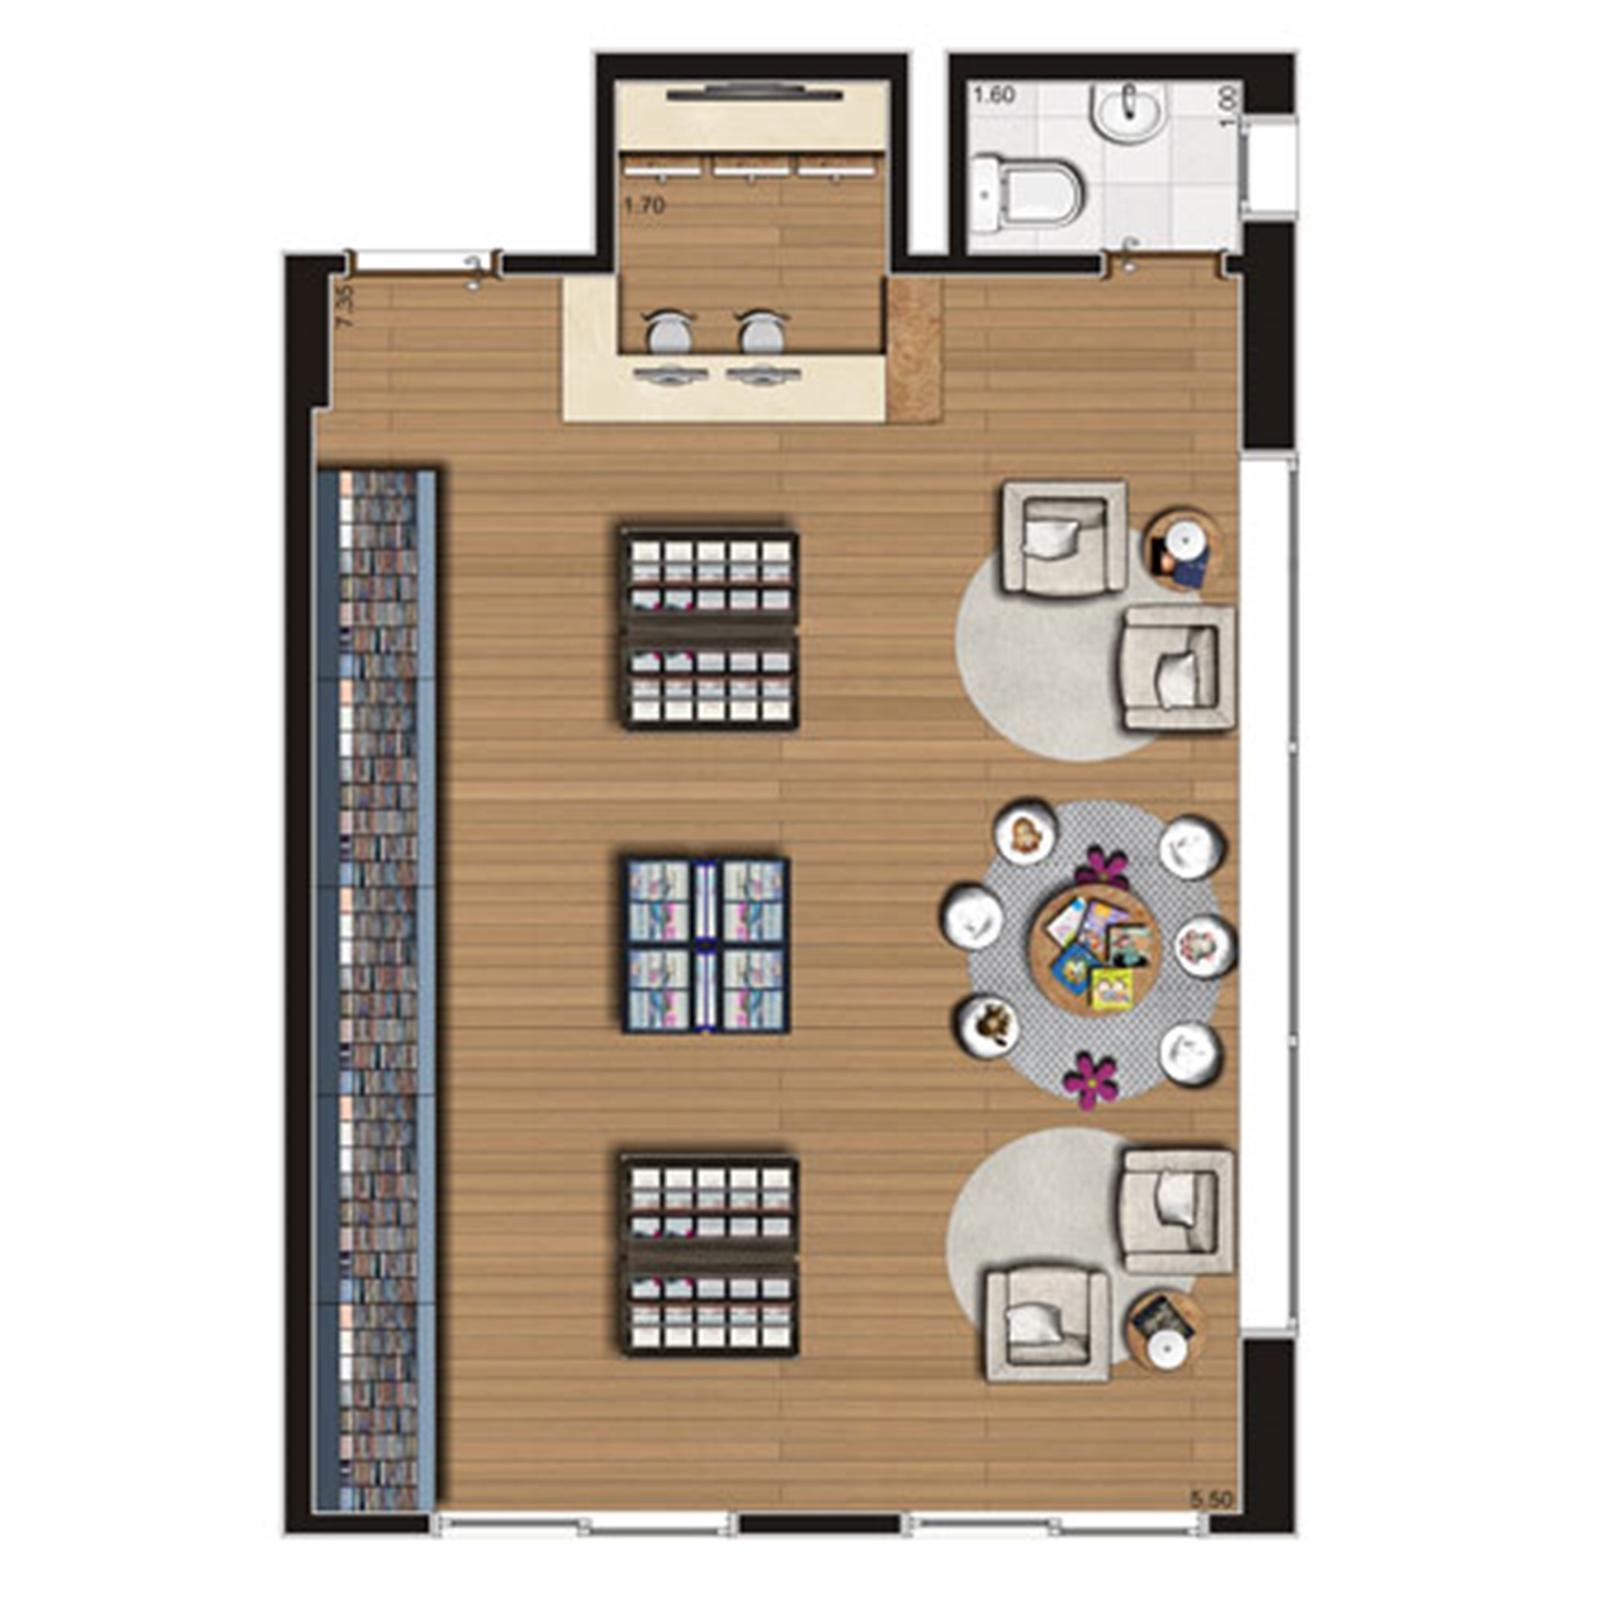 Loja de 49 m² Finais 1 e 9 | Luzes da Mooca - Atrio Giorno – Salas Comerciaisna  Mooca - São Paulo - São Paulo